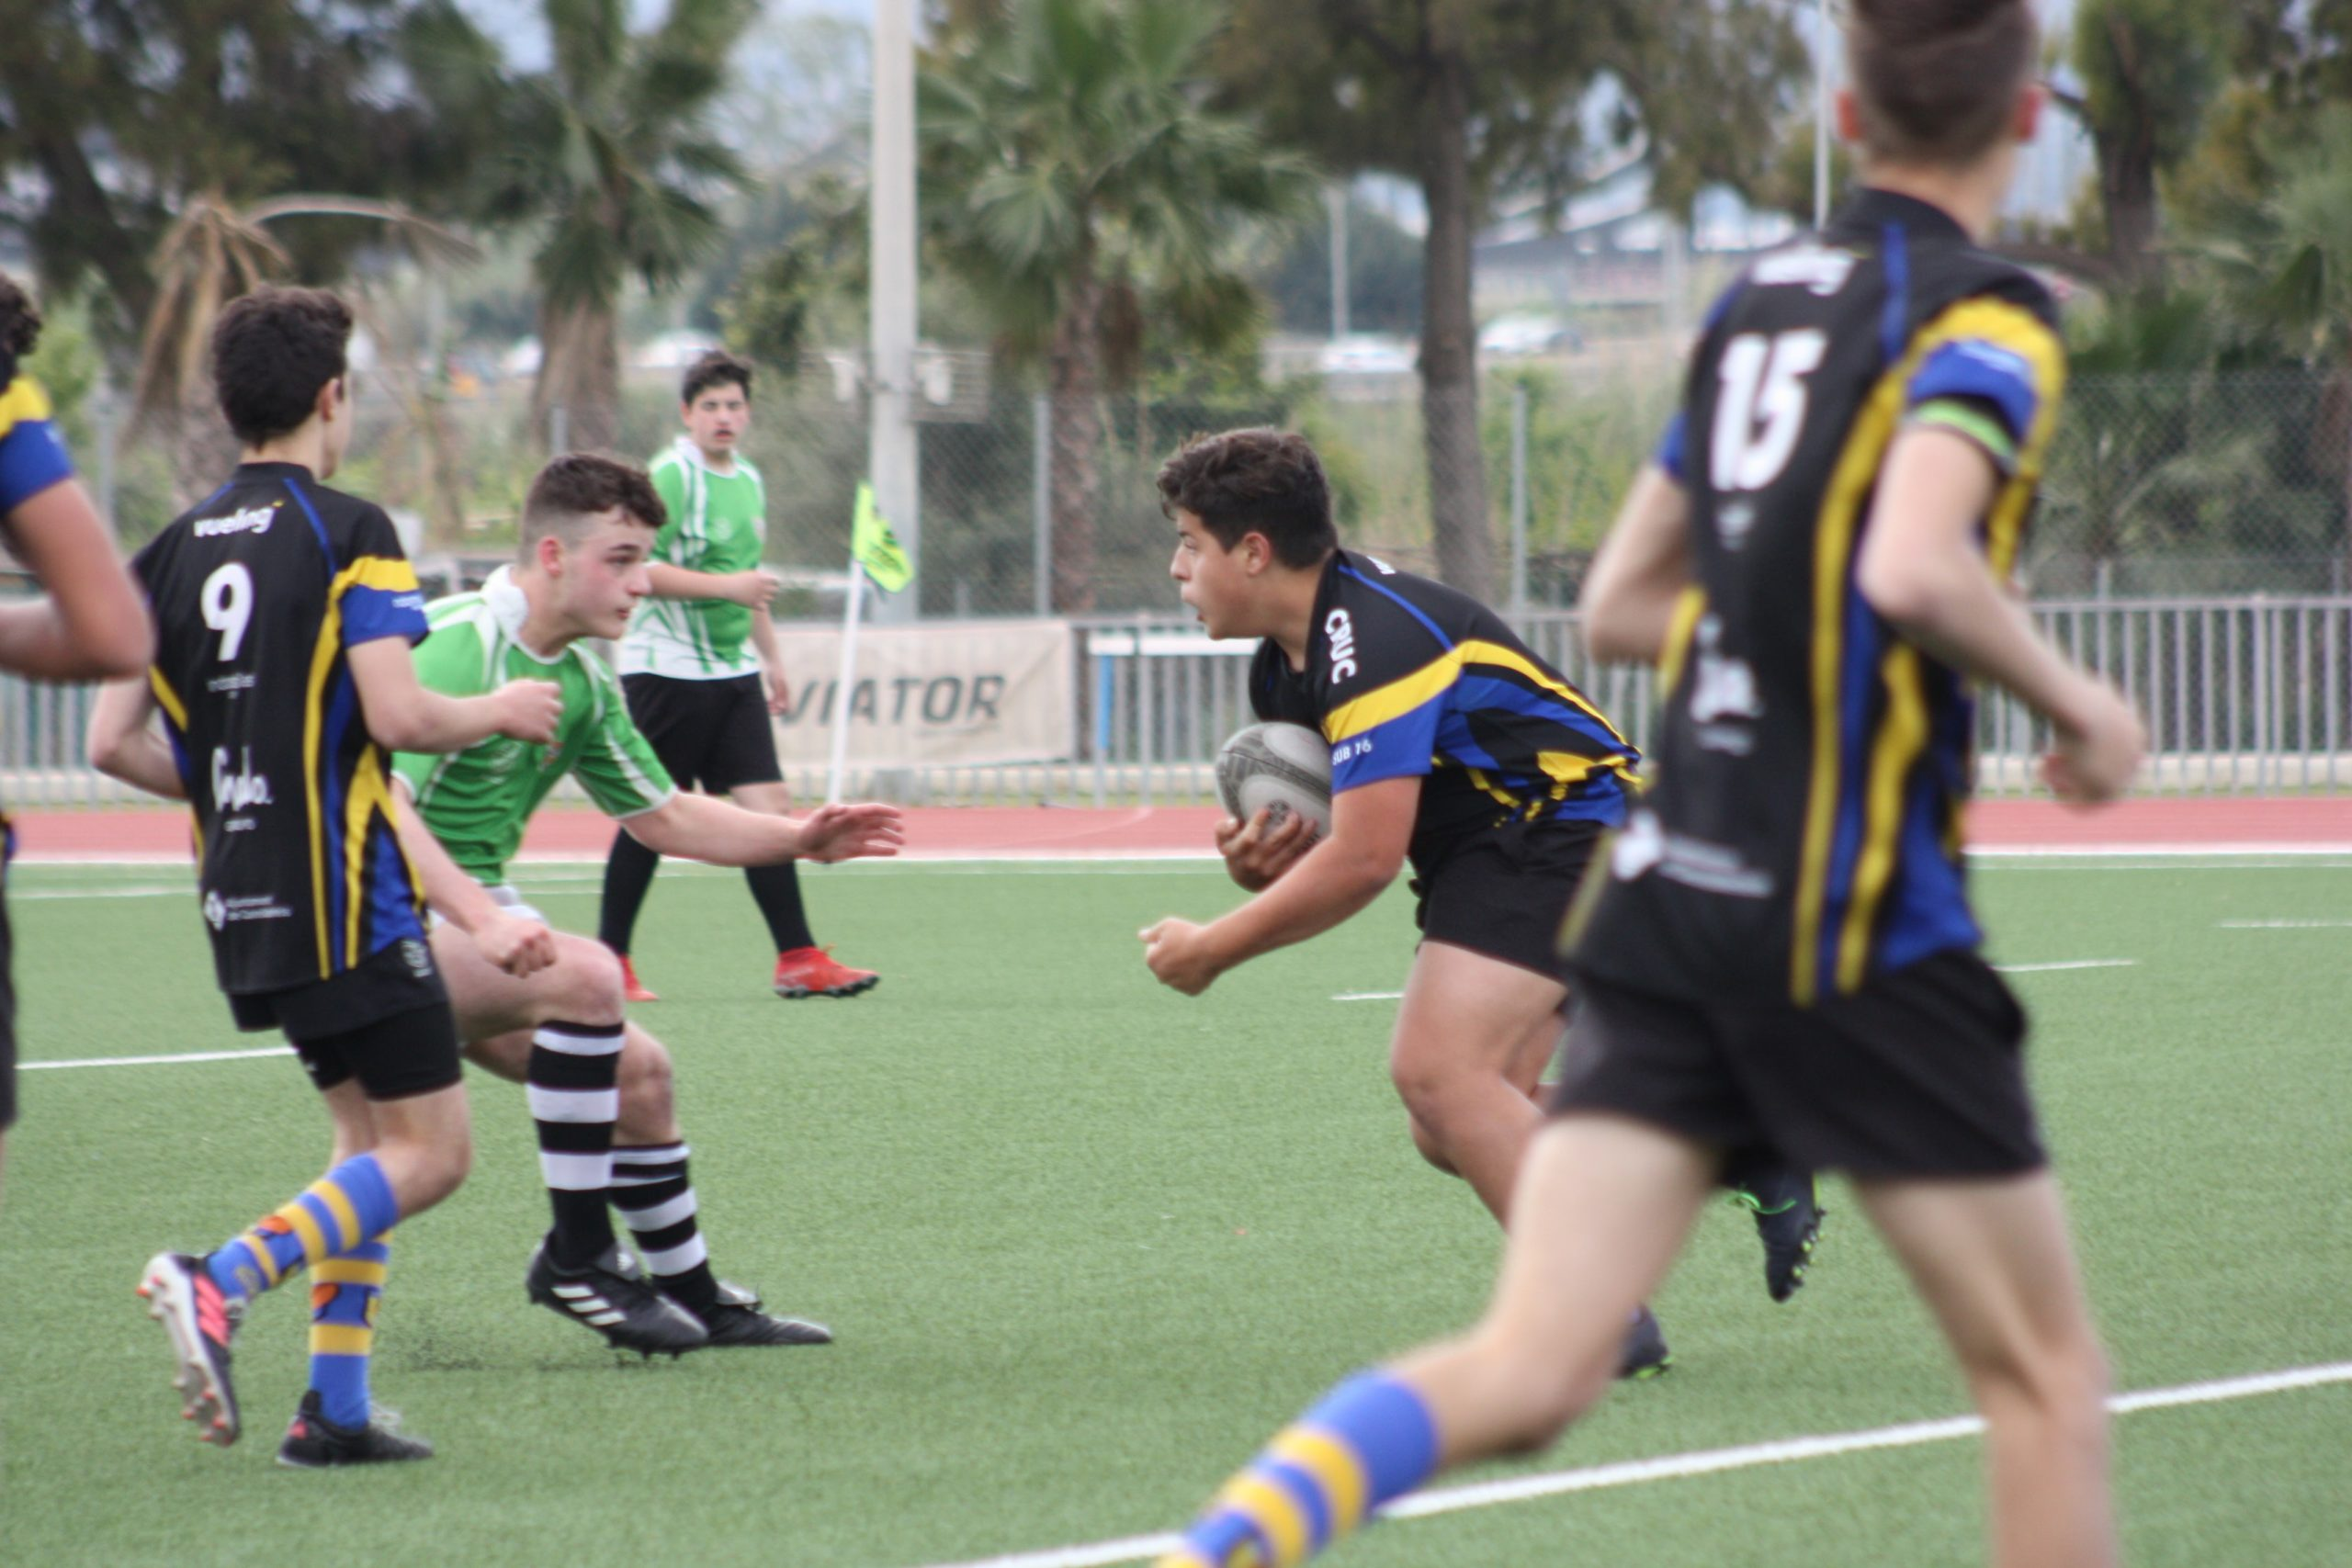 partido sub 16 entre el Cervello - Cornella y el Castelldefels Rugby Union Club